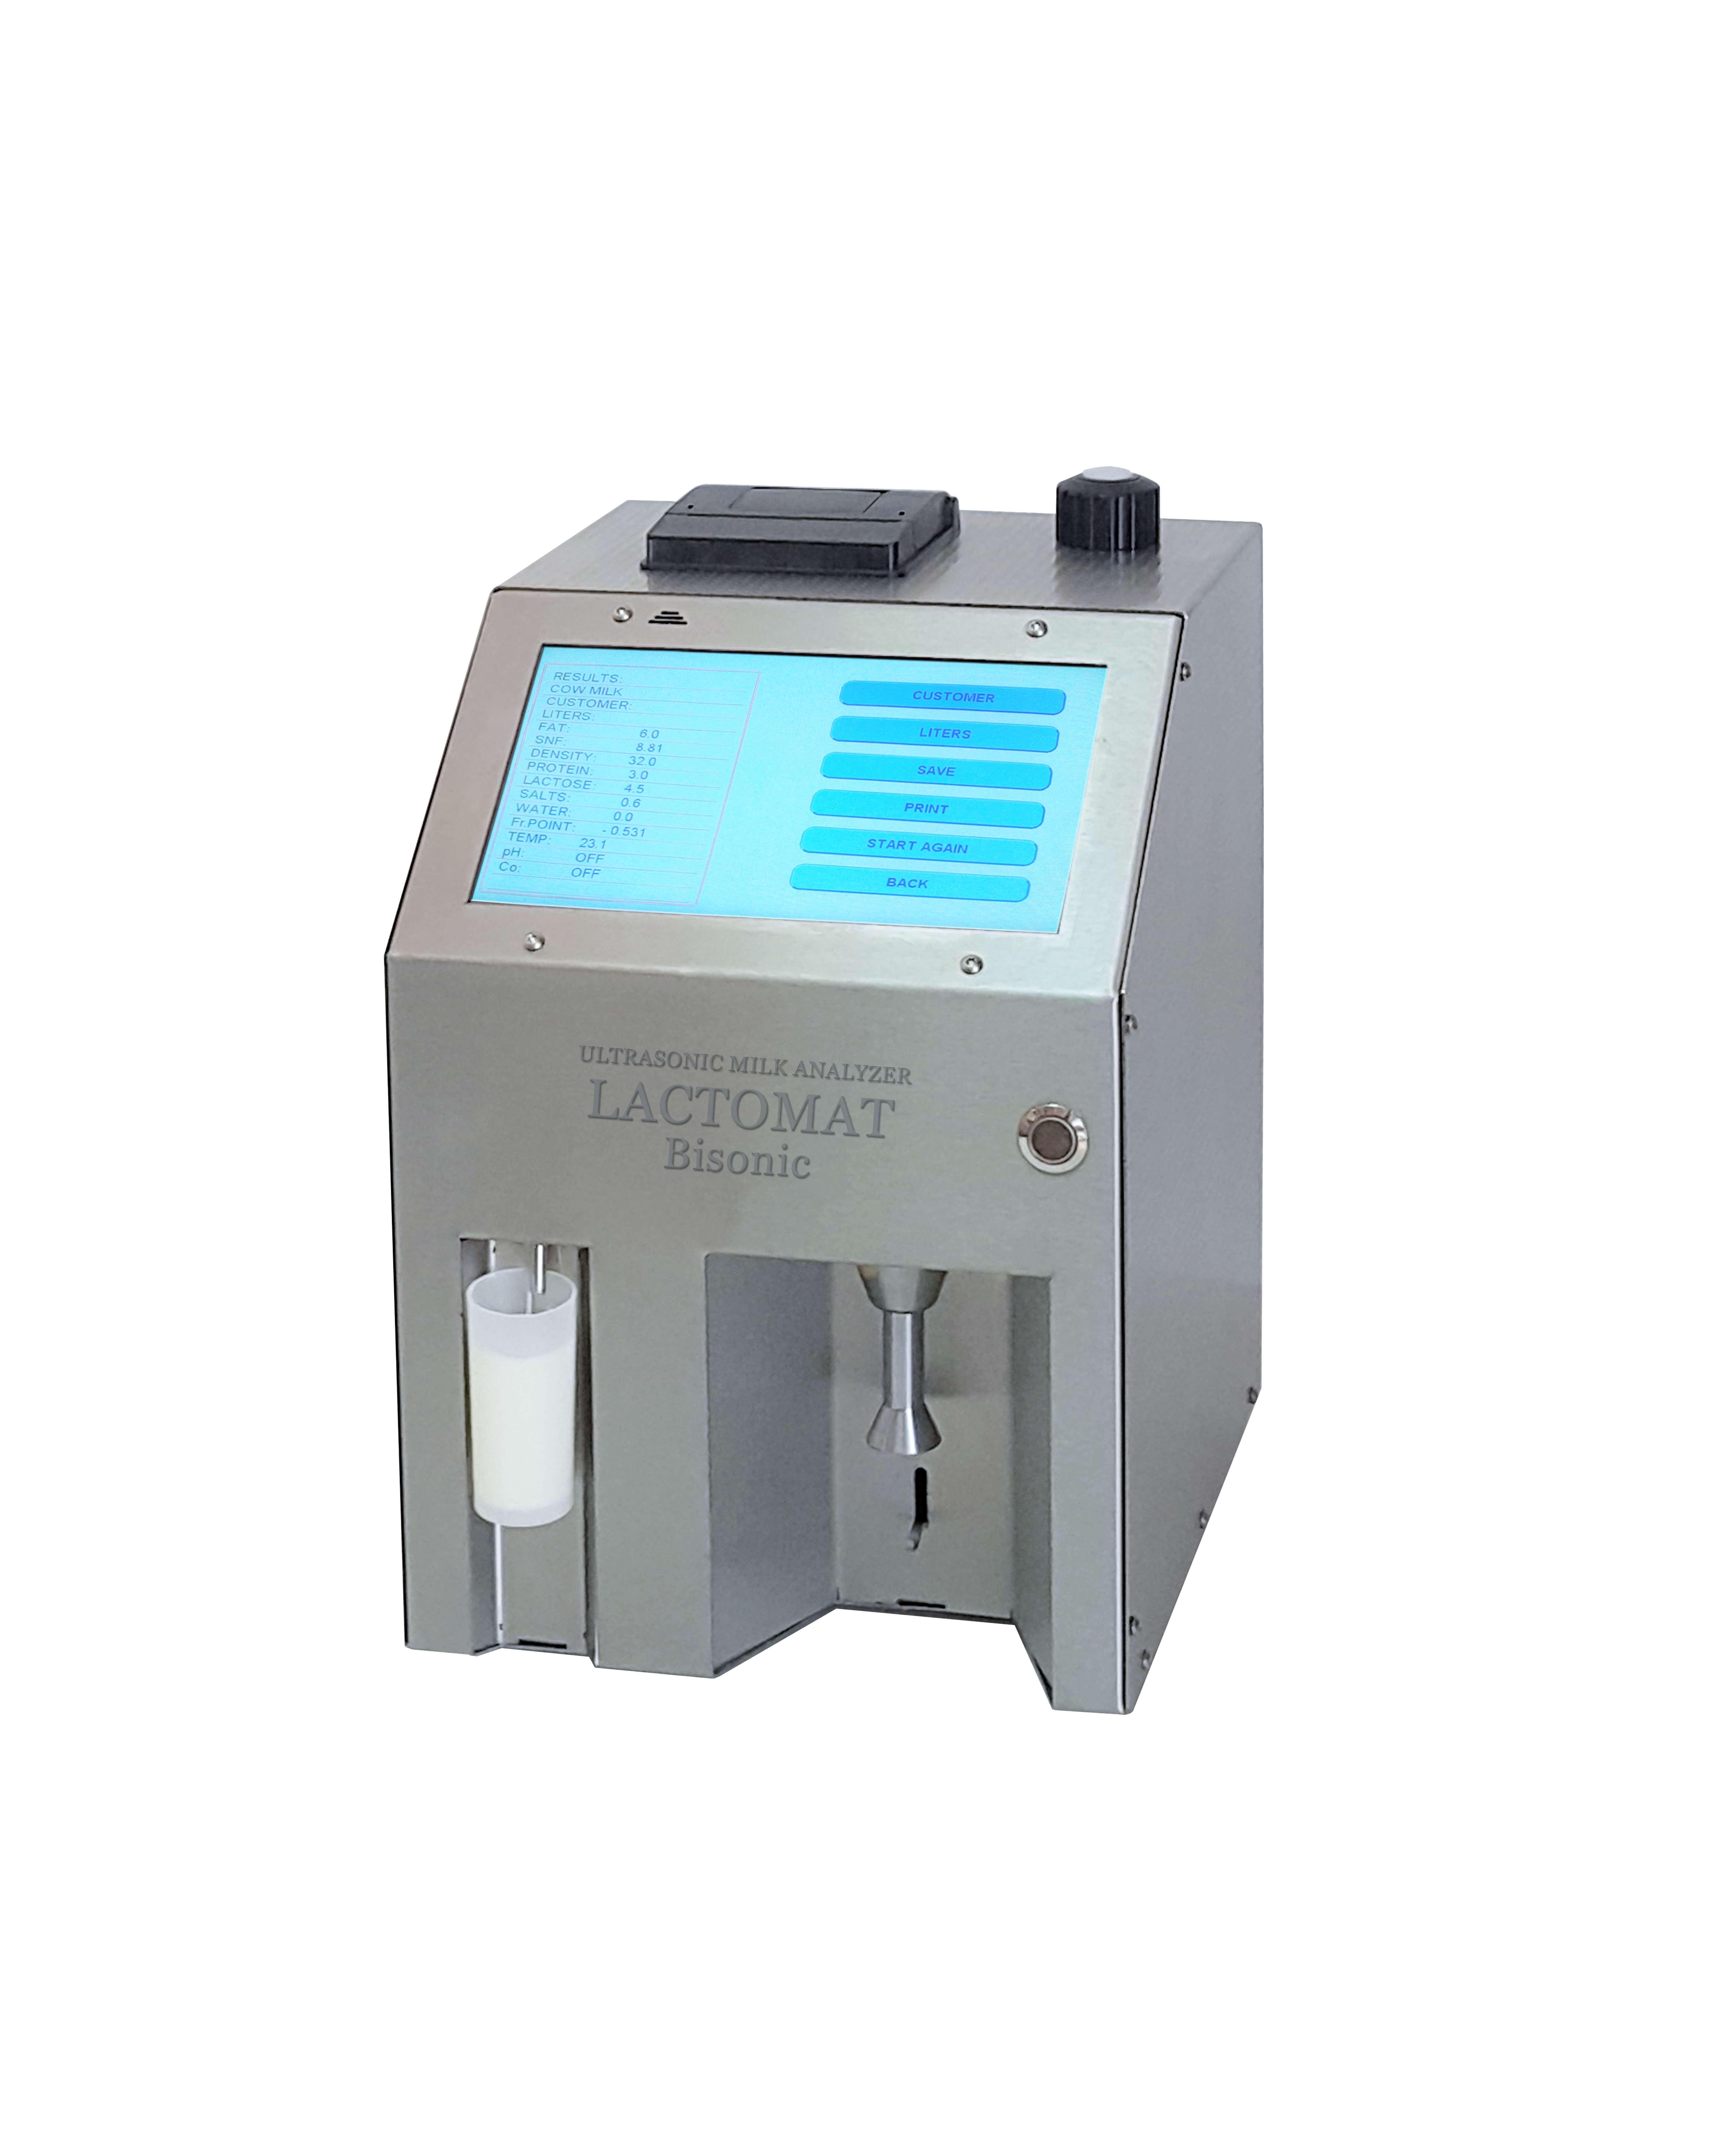 Lactomat Bi声波牛奶分析仪